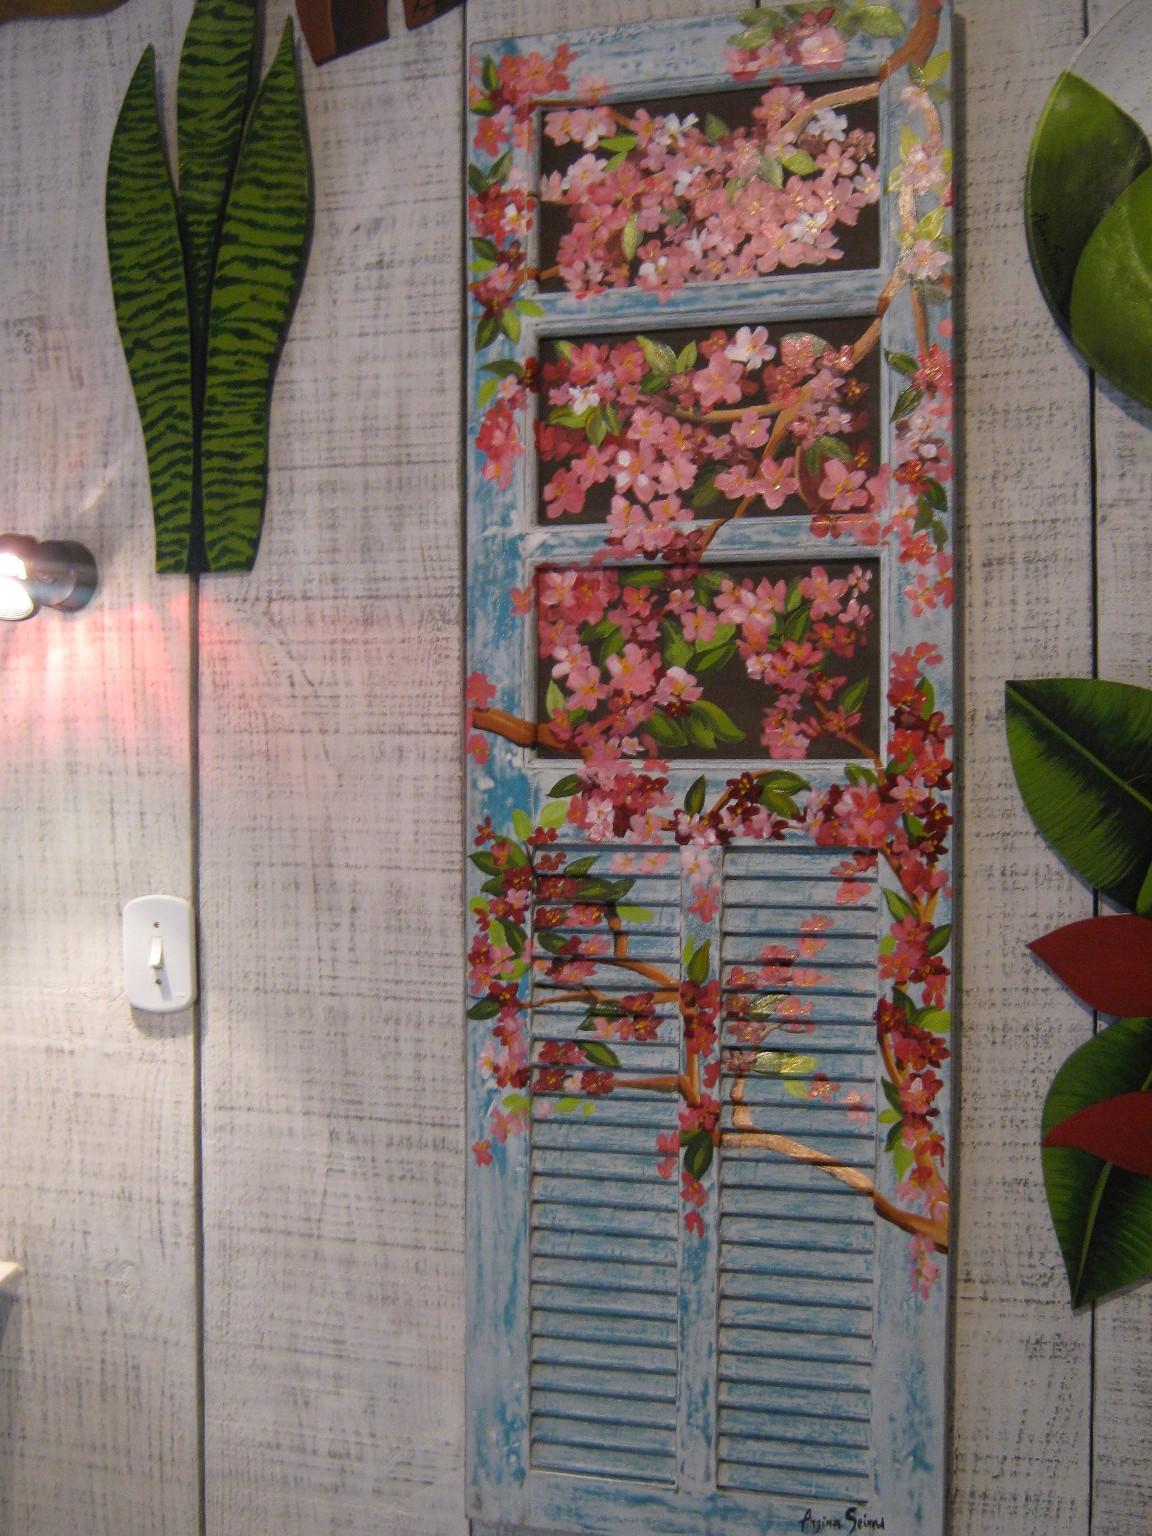 #793D35 EcoPeroba Madeira de Demolição: Janelas de Demolição 1818 Janela De Aluminio Pode Ser Pintada De Branco